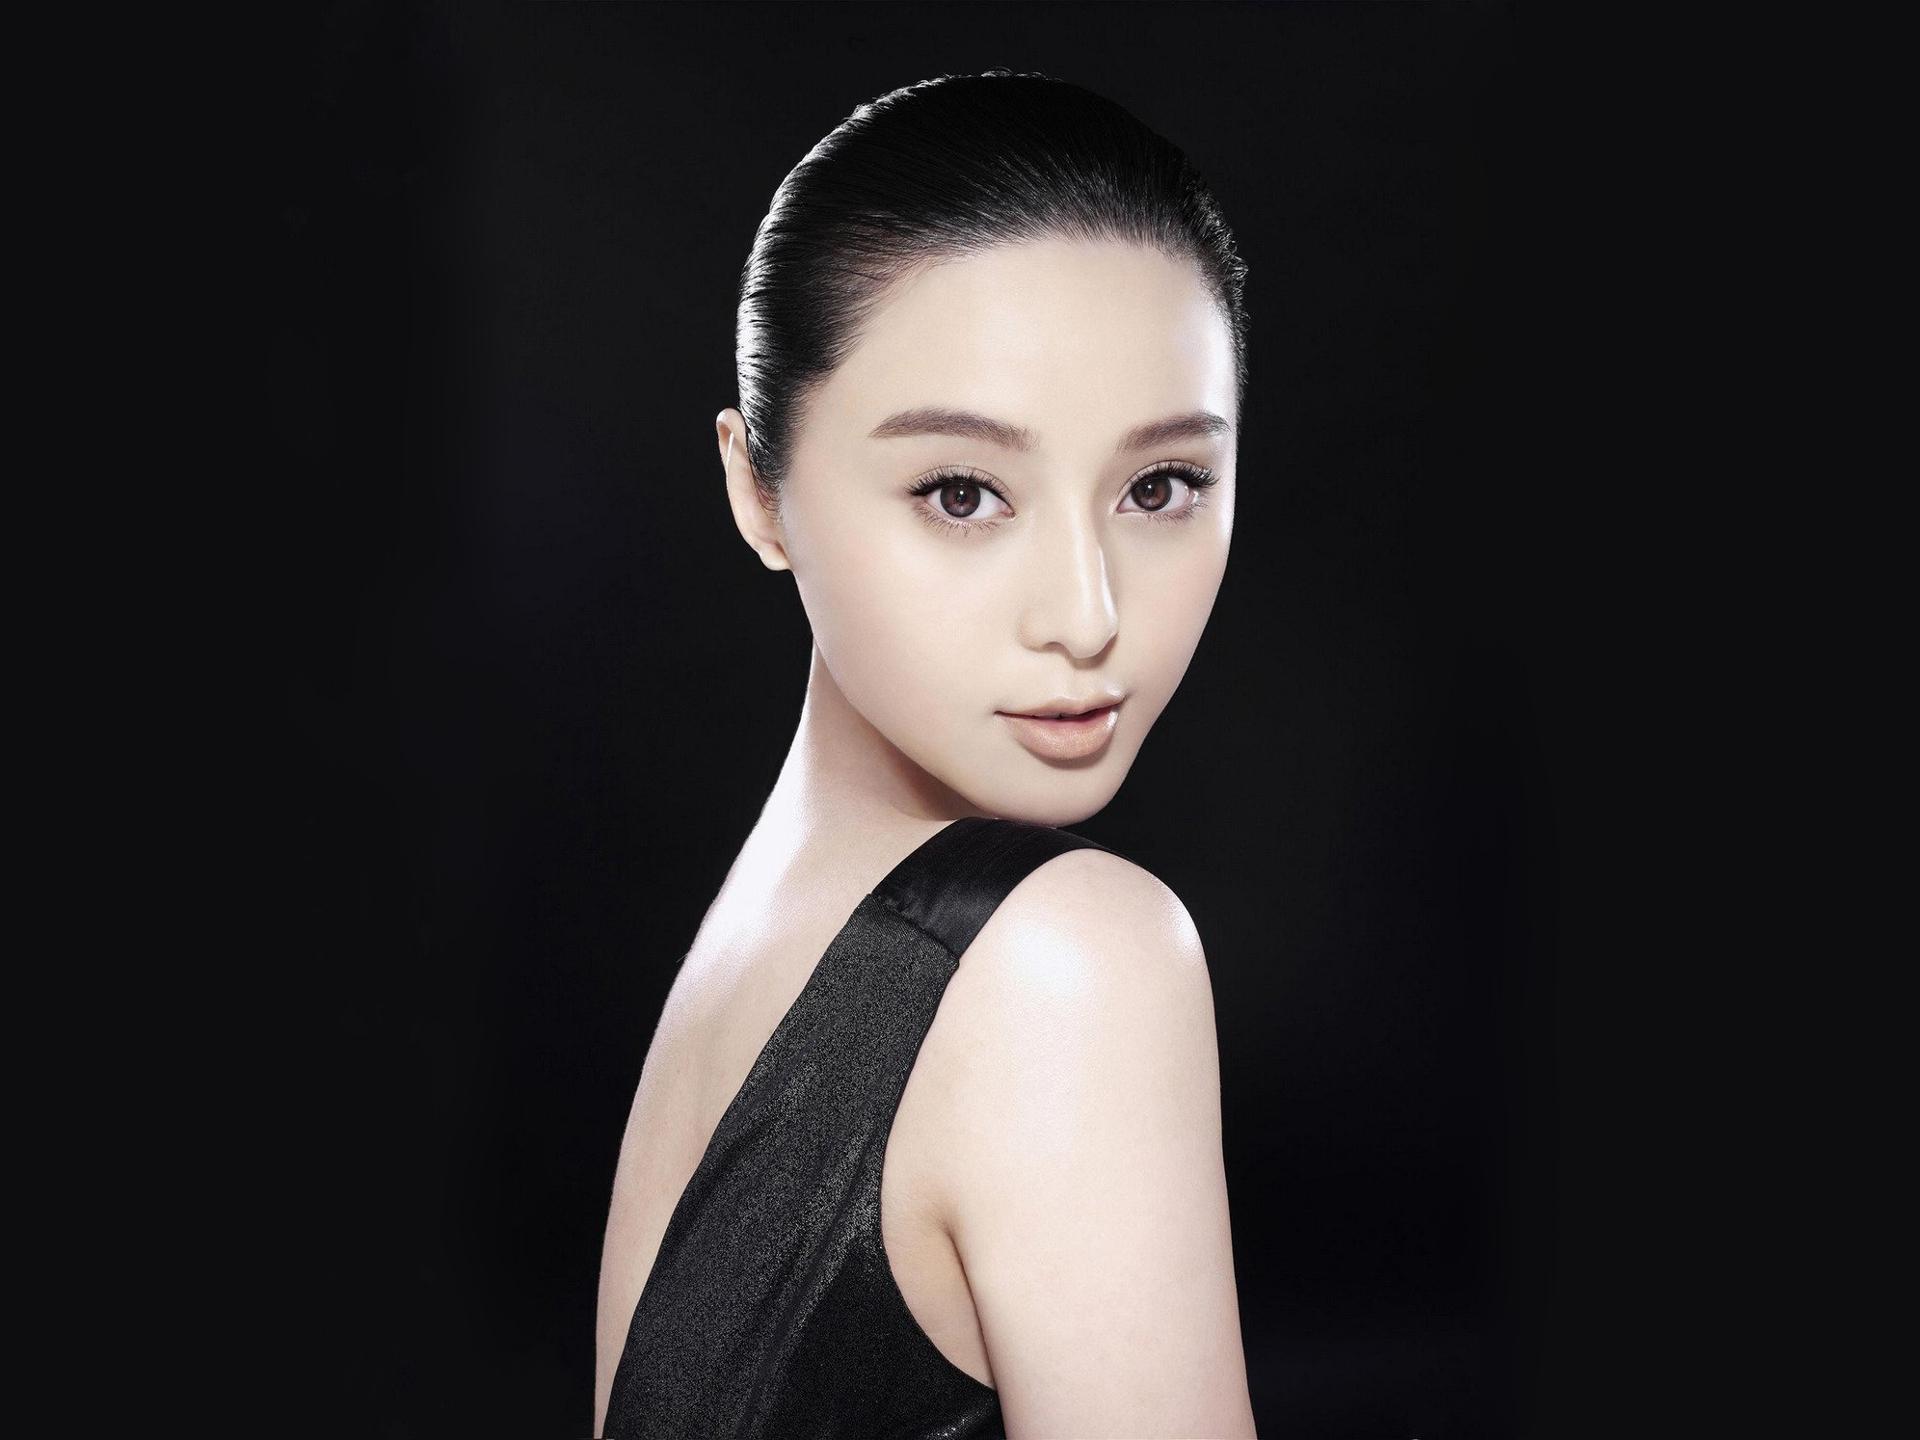 как китайские актрисы фото и имена туманная погода одна